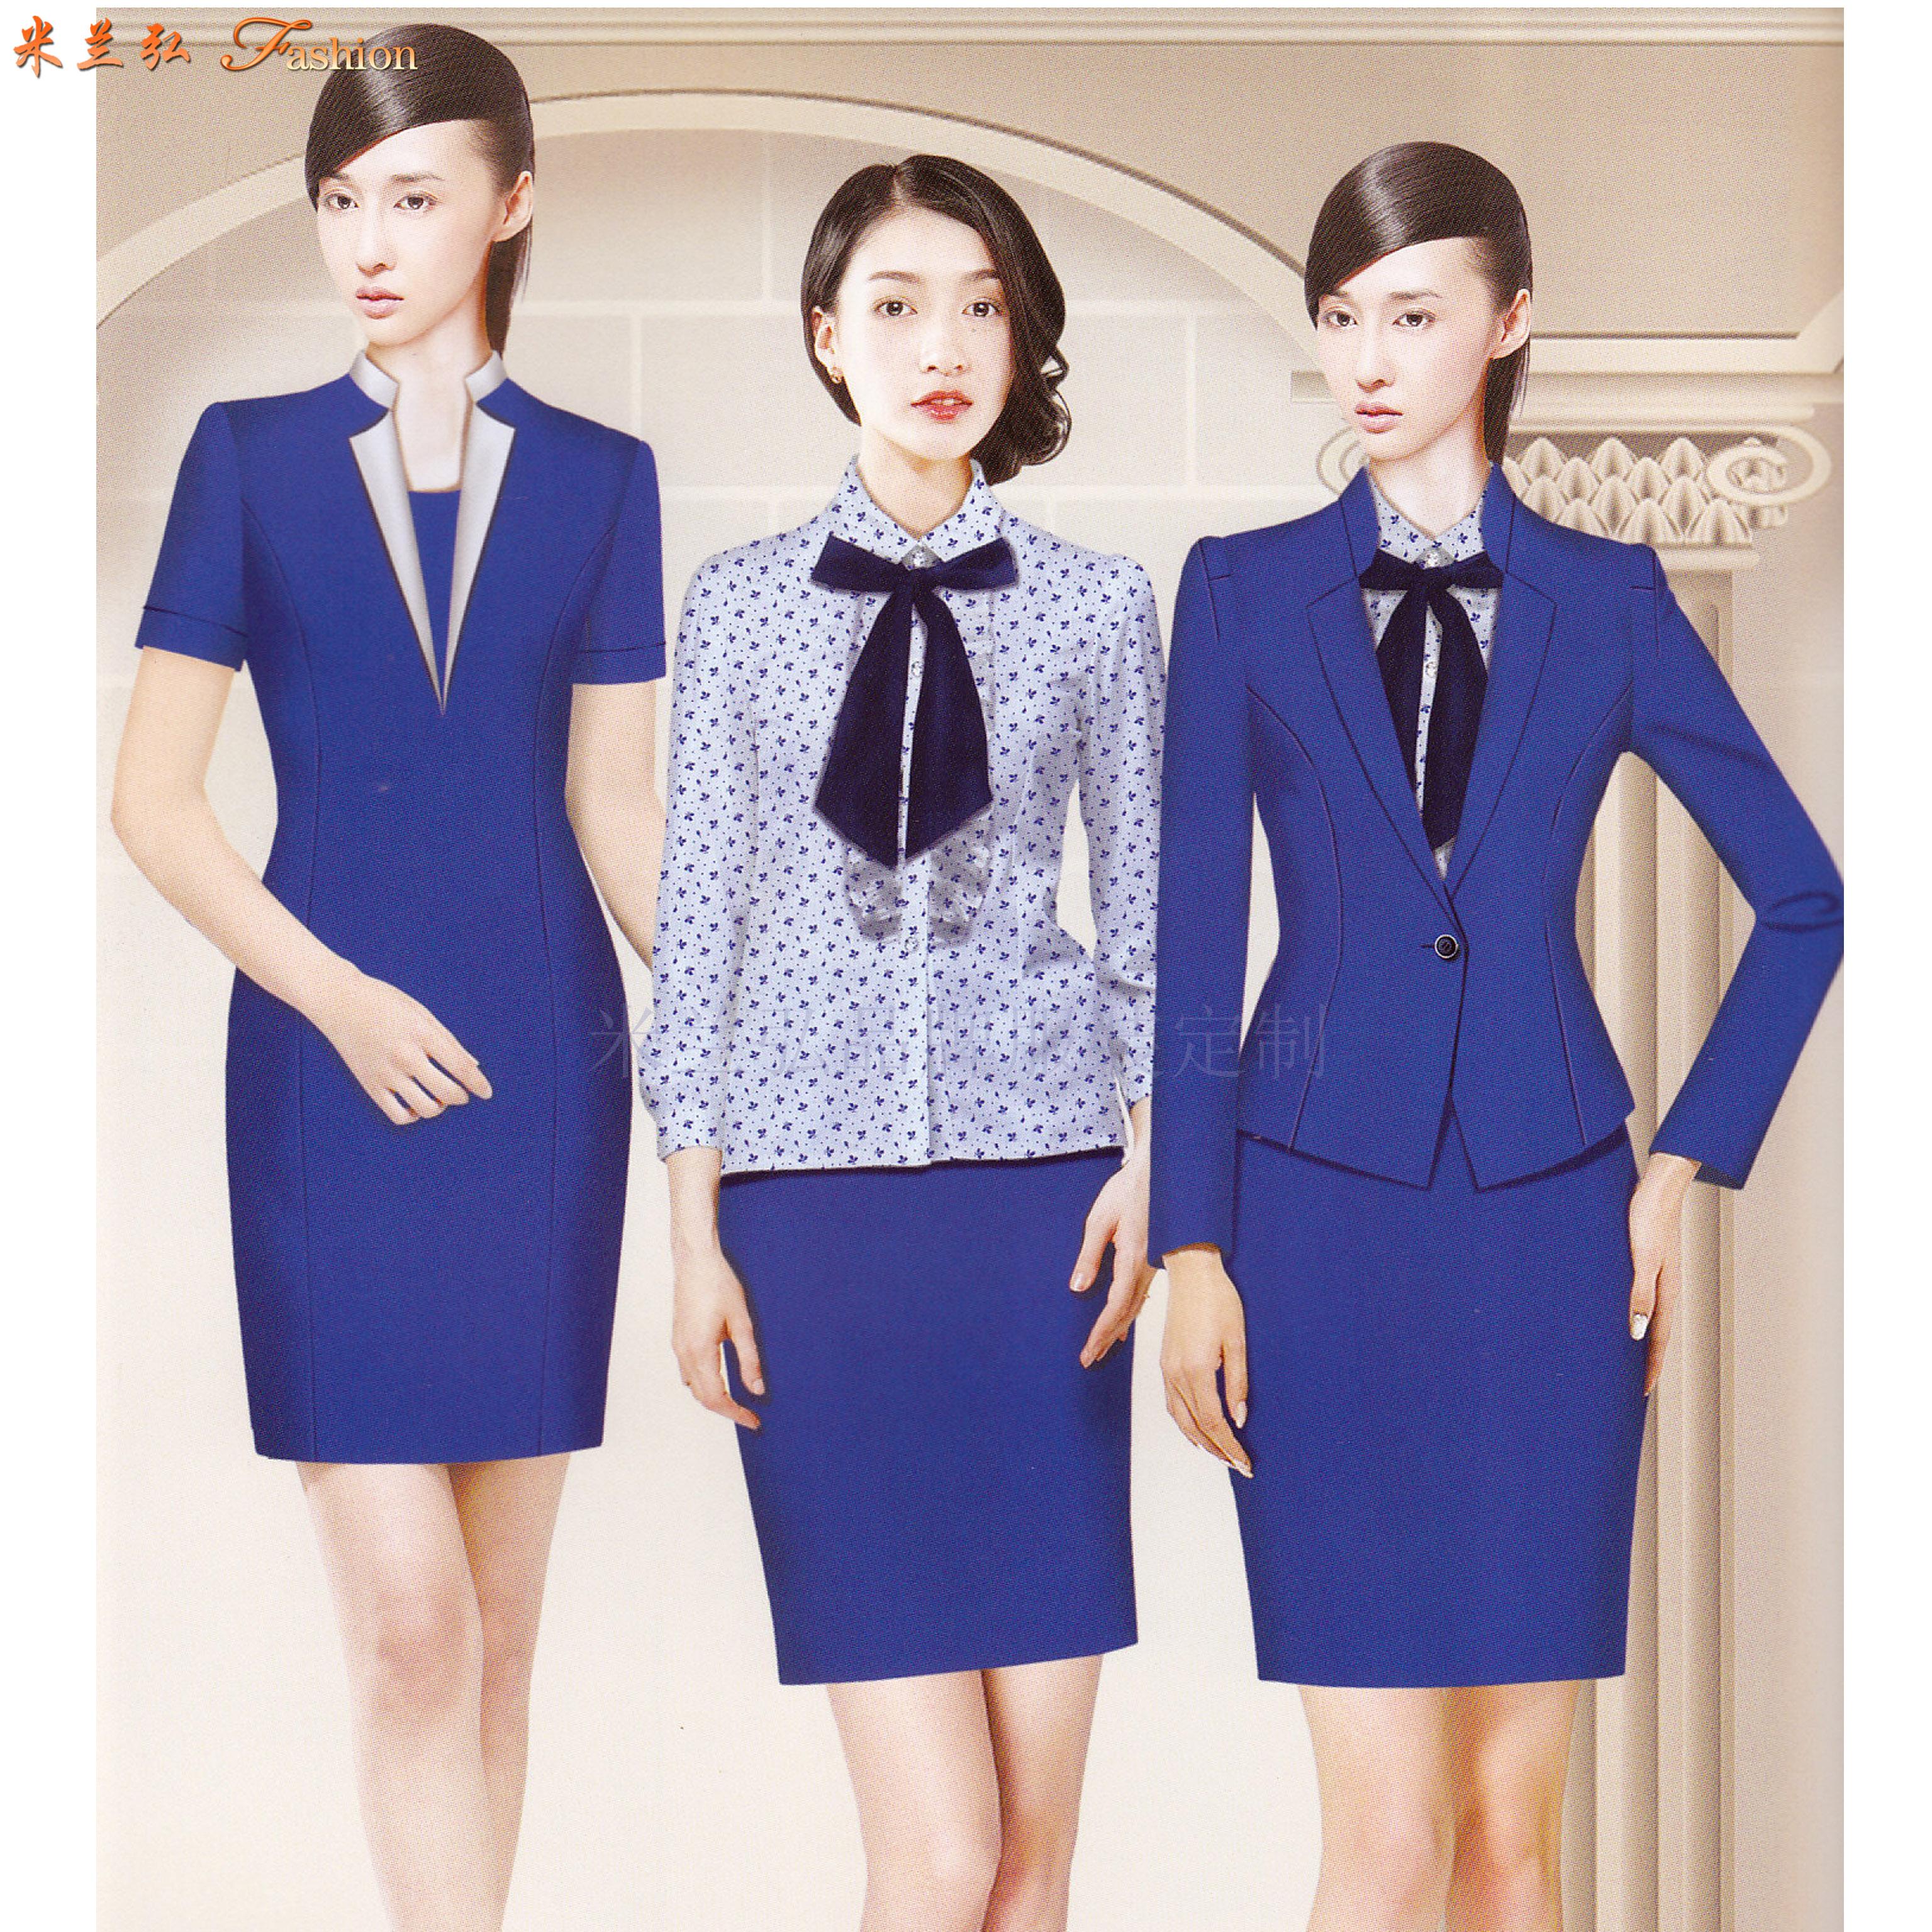 「寧夏空姐服」吳忠市量體定做航空公司空姐服-米蘭弘服裝-3